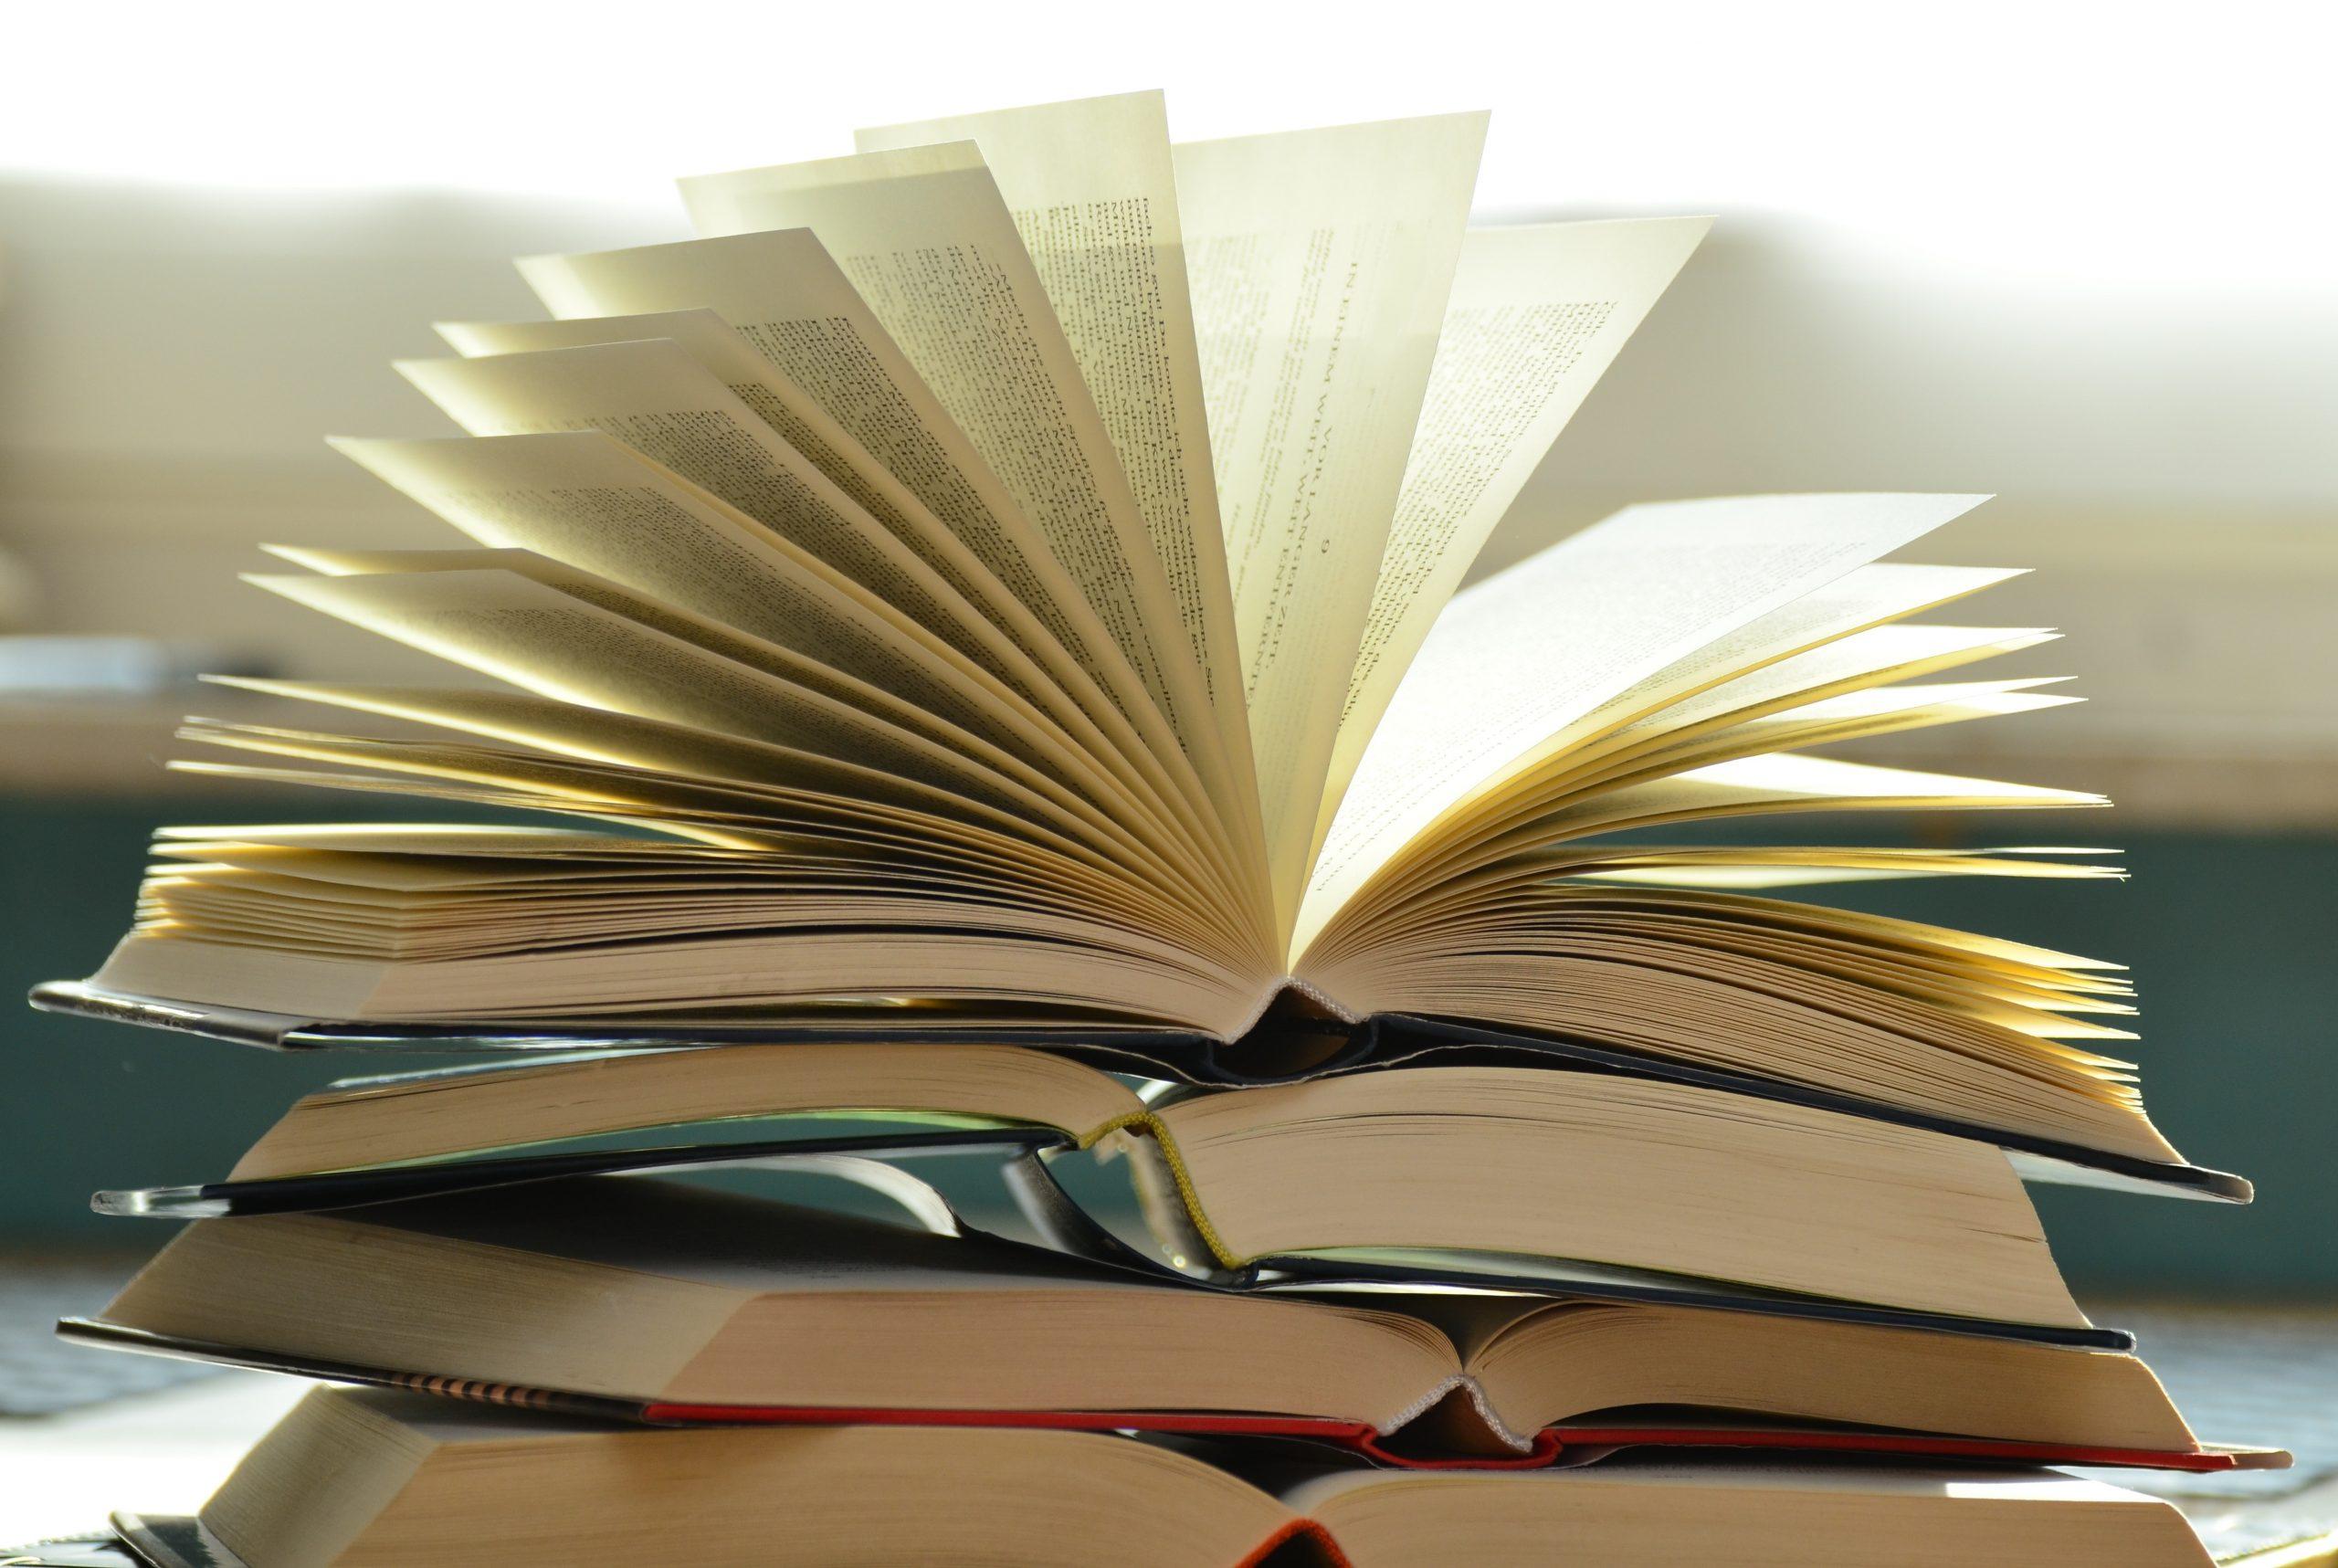 Wij lezen tenminste nog (maar wat dan?)